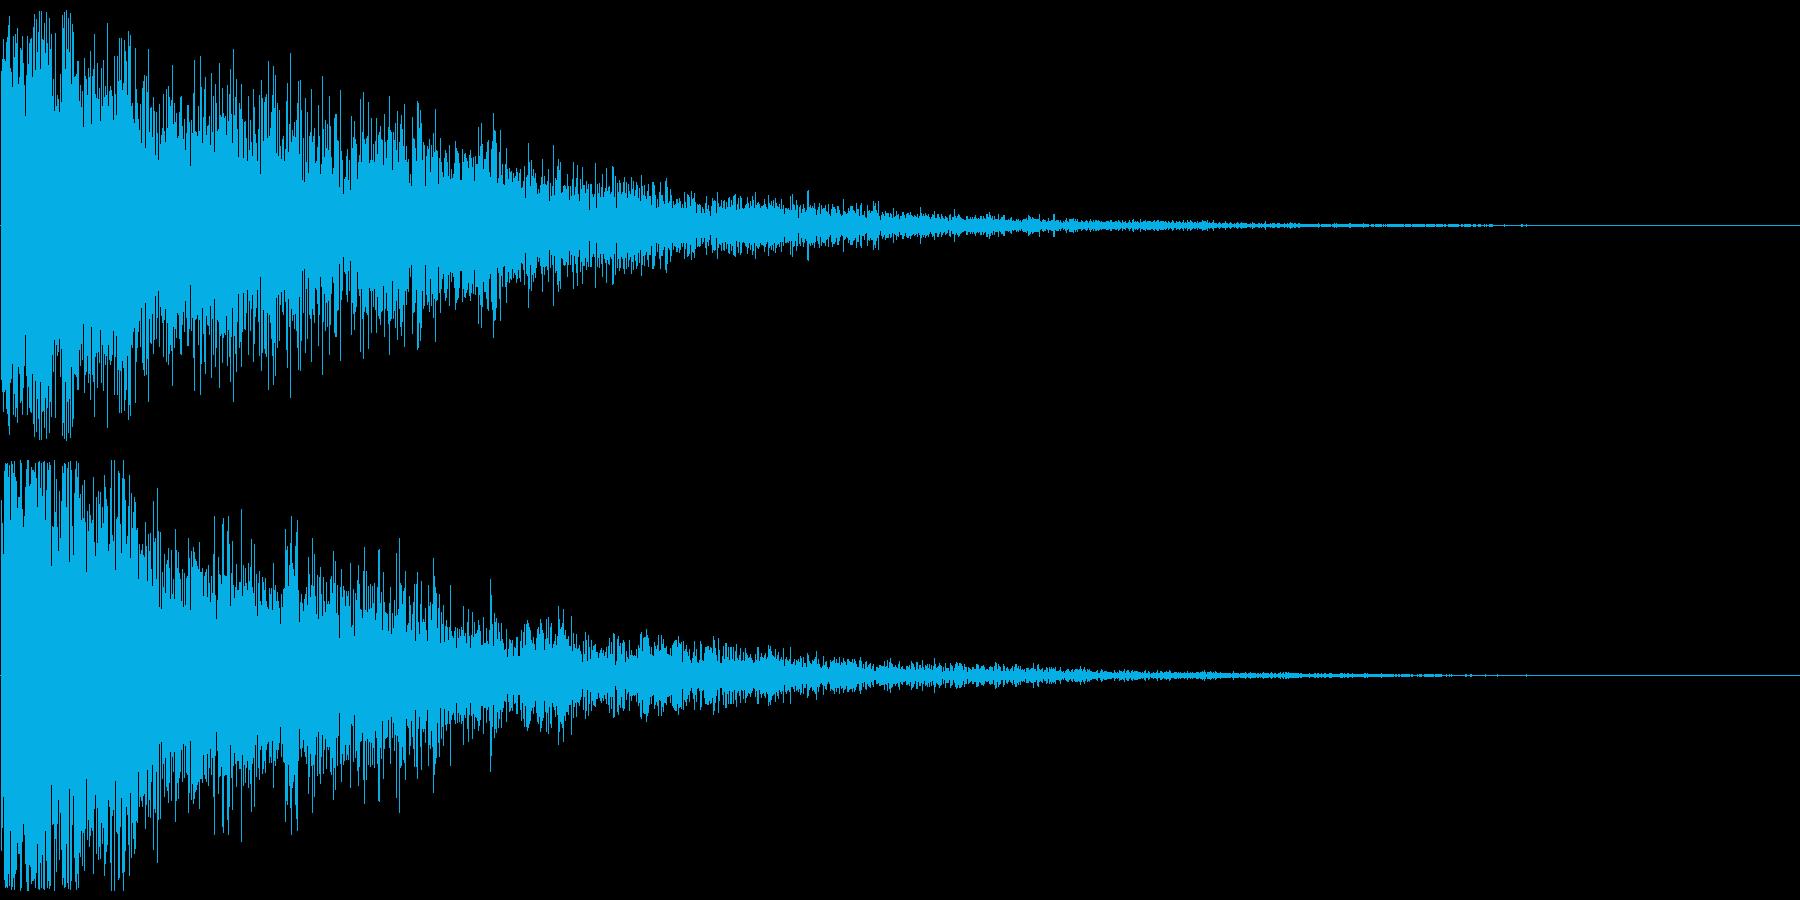 テレレン↑ クリアな響きのボタン音の再生済みの波形